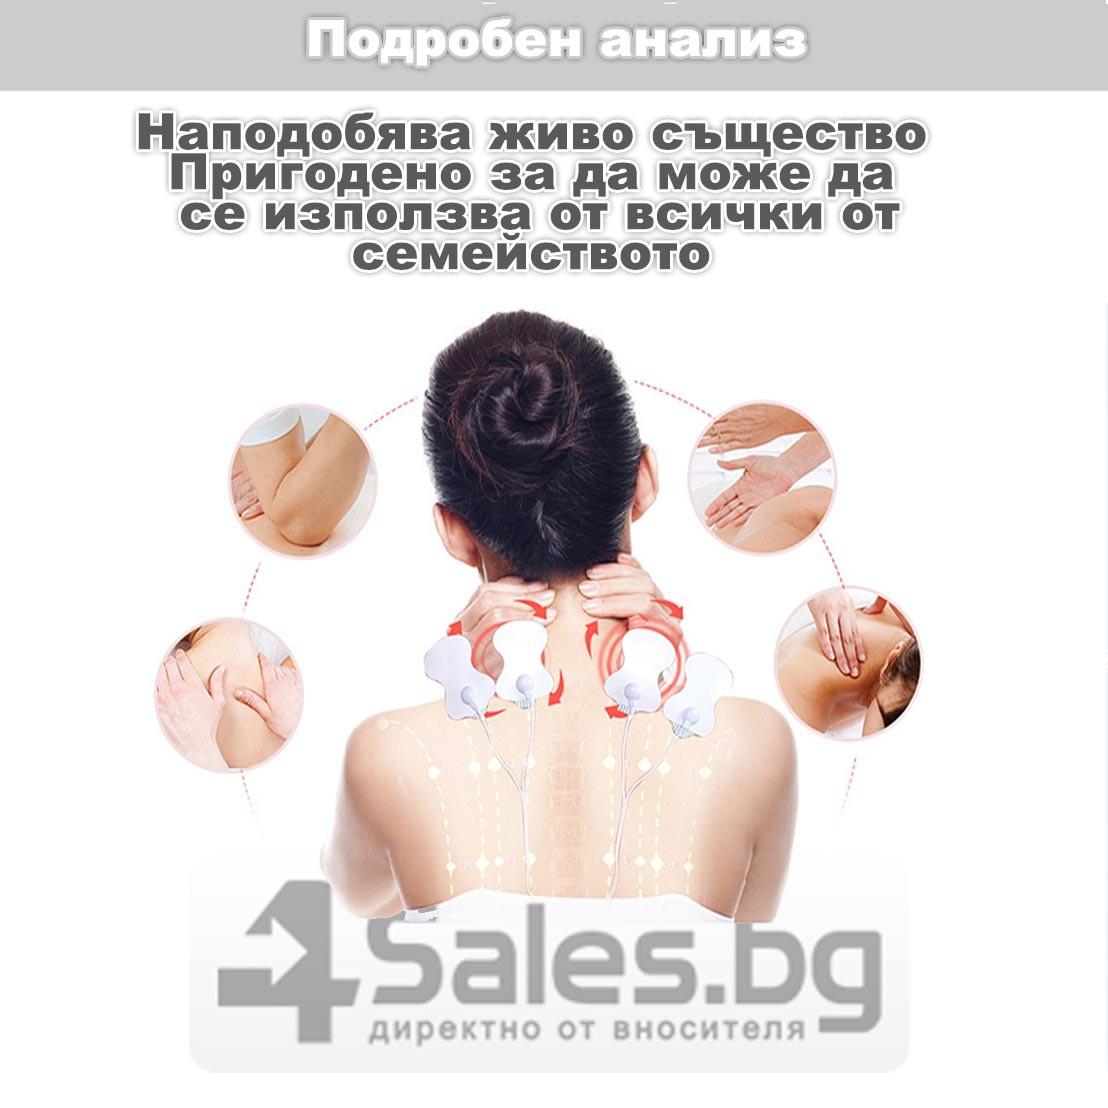 Електростимулатор масажор срещу болки по тялото и физиотерапия TV66 19